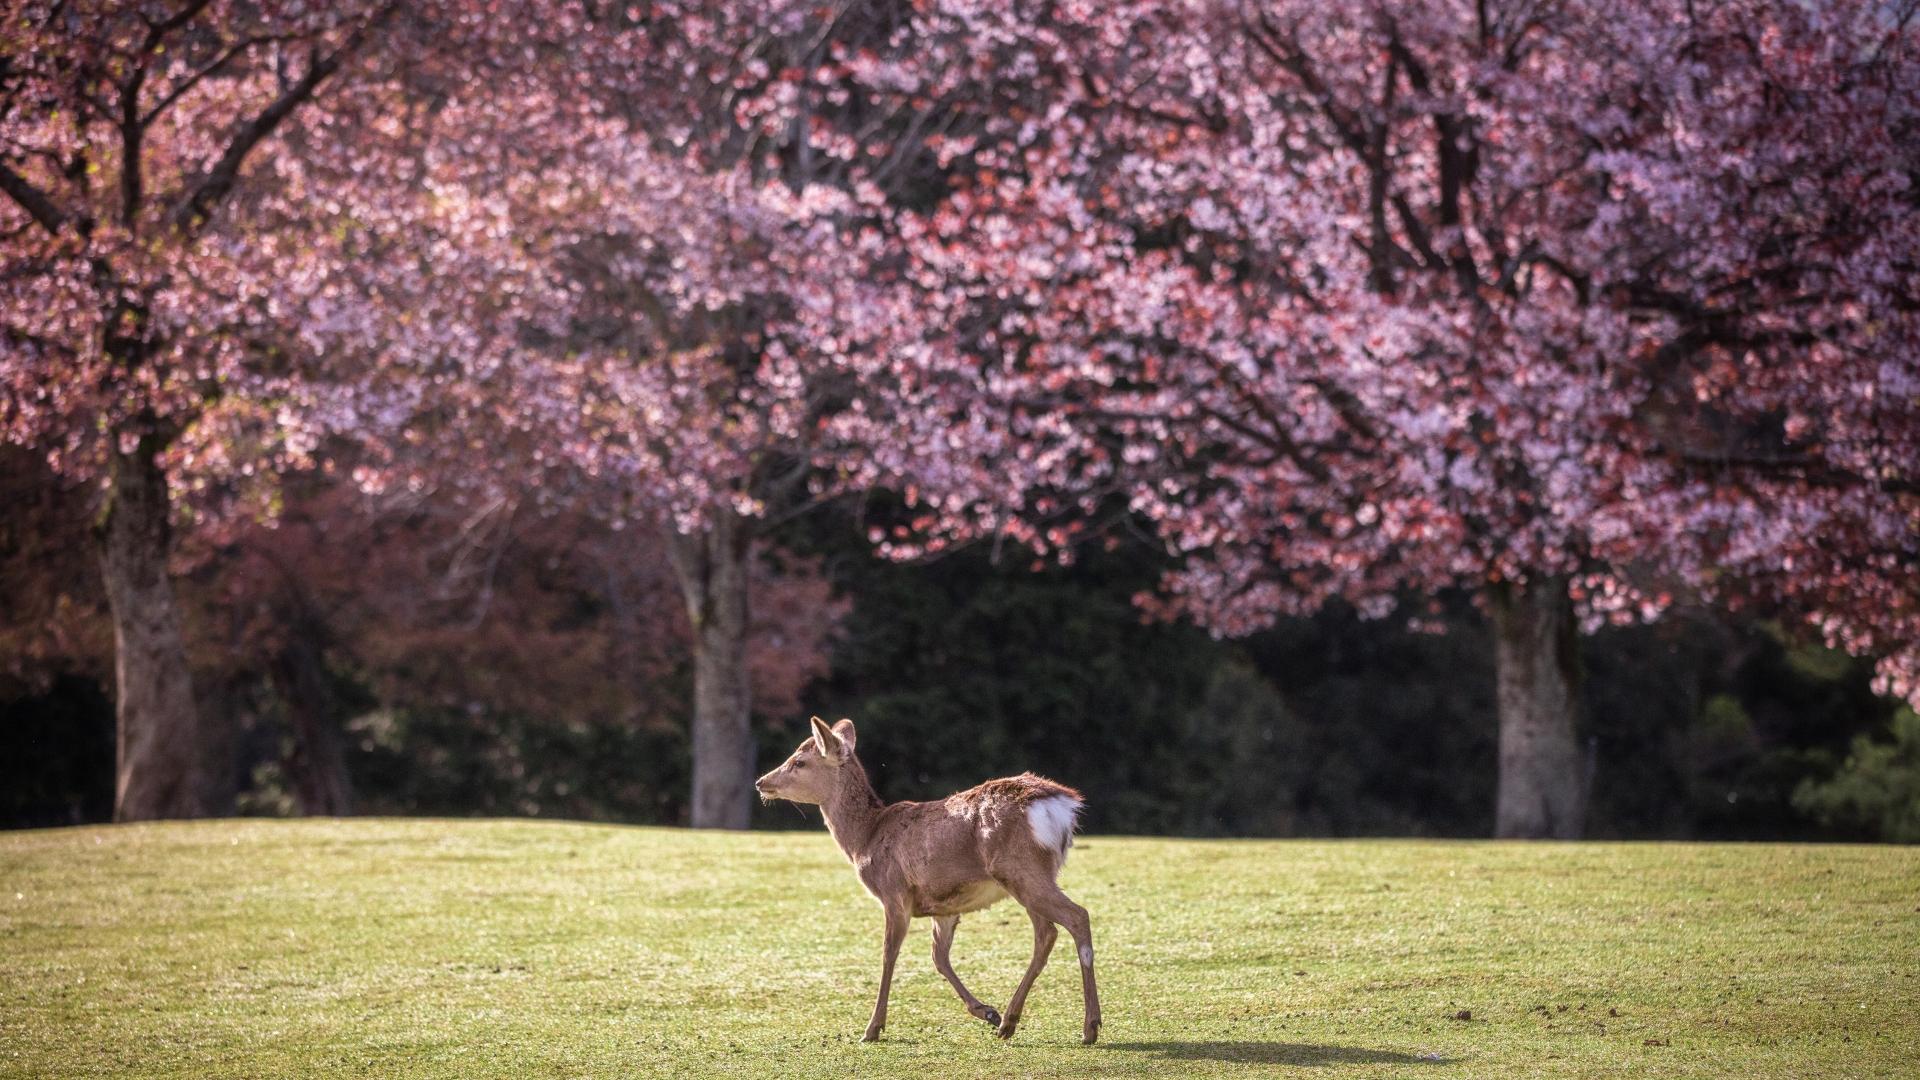 3963968_m 奈良県  奈良公園(鹿と桜の美しい景色が見れる春におすすめの桜スポット! 写真の紹介、アクセス情報や駐車場情報など)